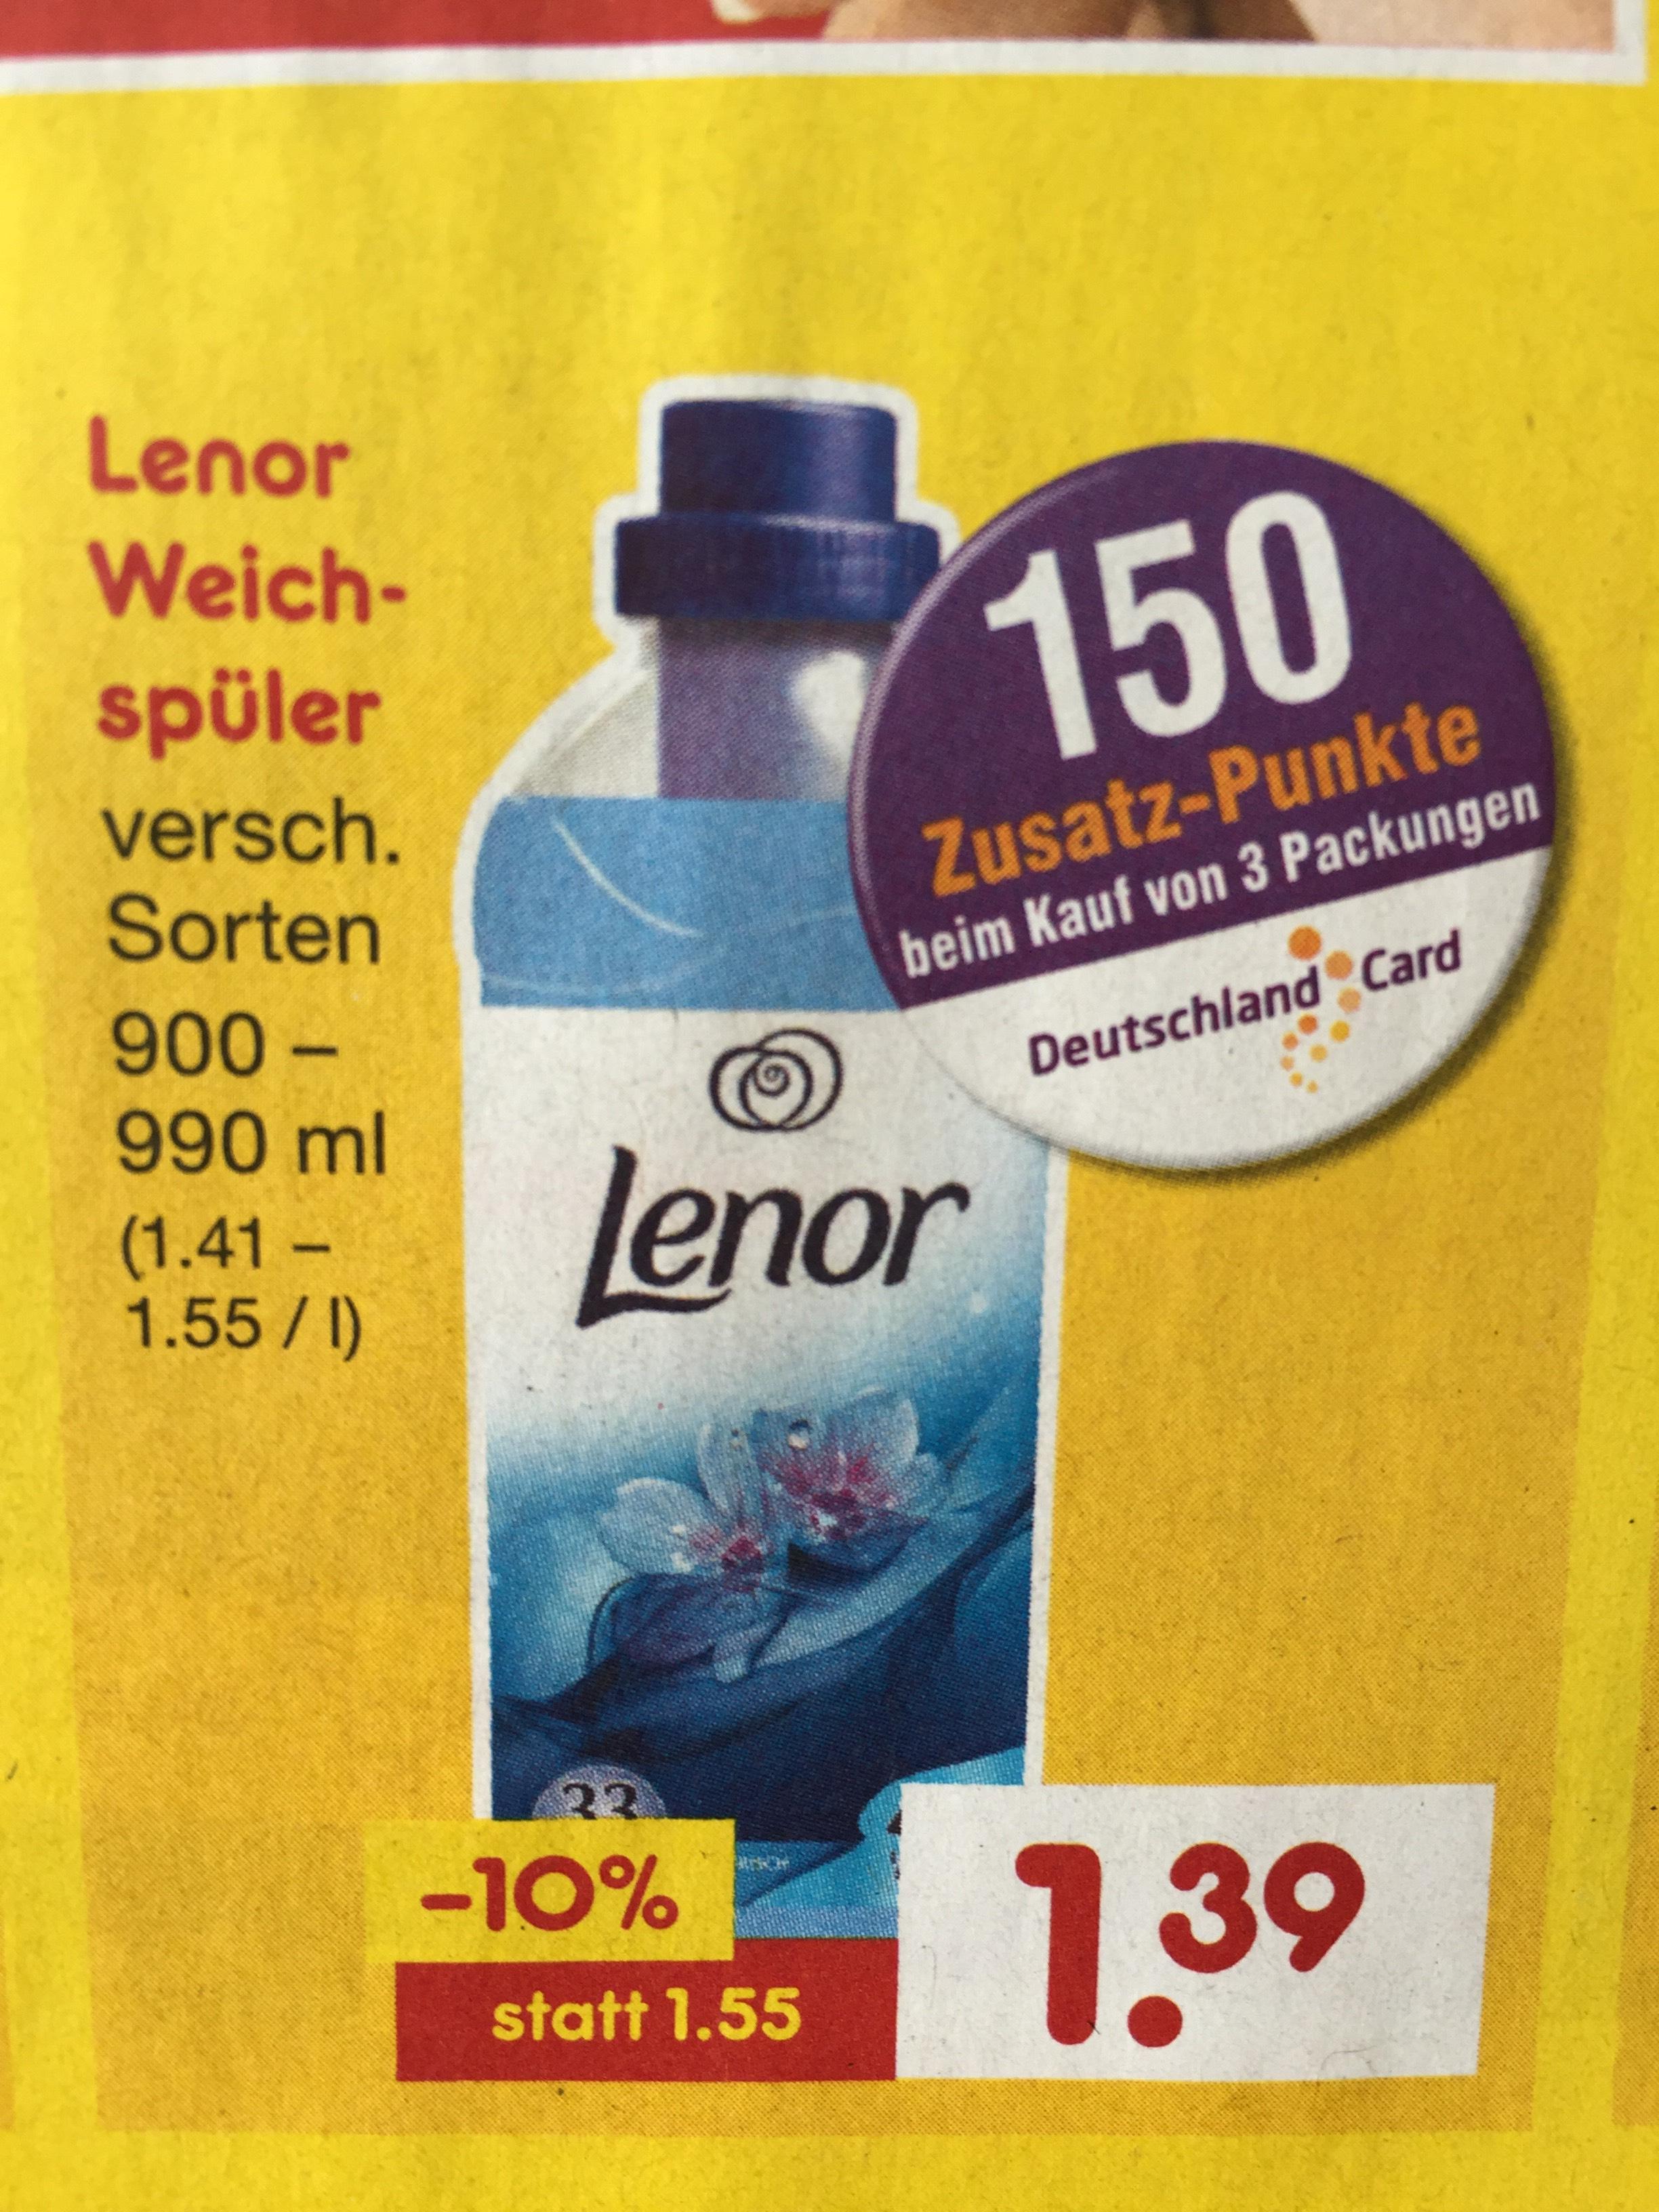 [Netto MD] Lenor 3 Flaschen abzüglich 150 DeutschlandCard Punkte Für € 2,67